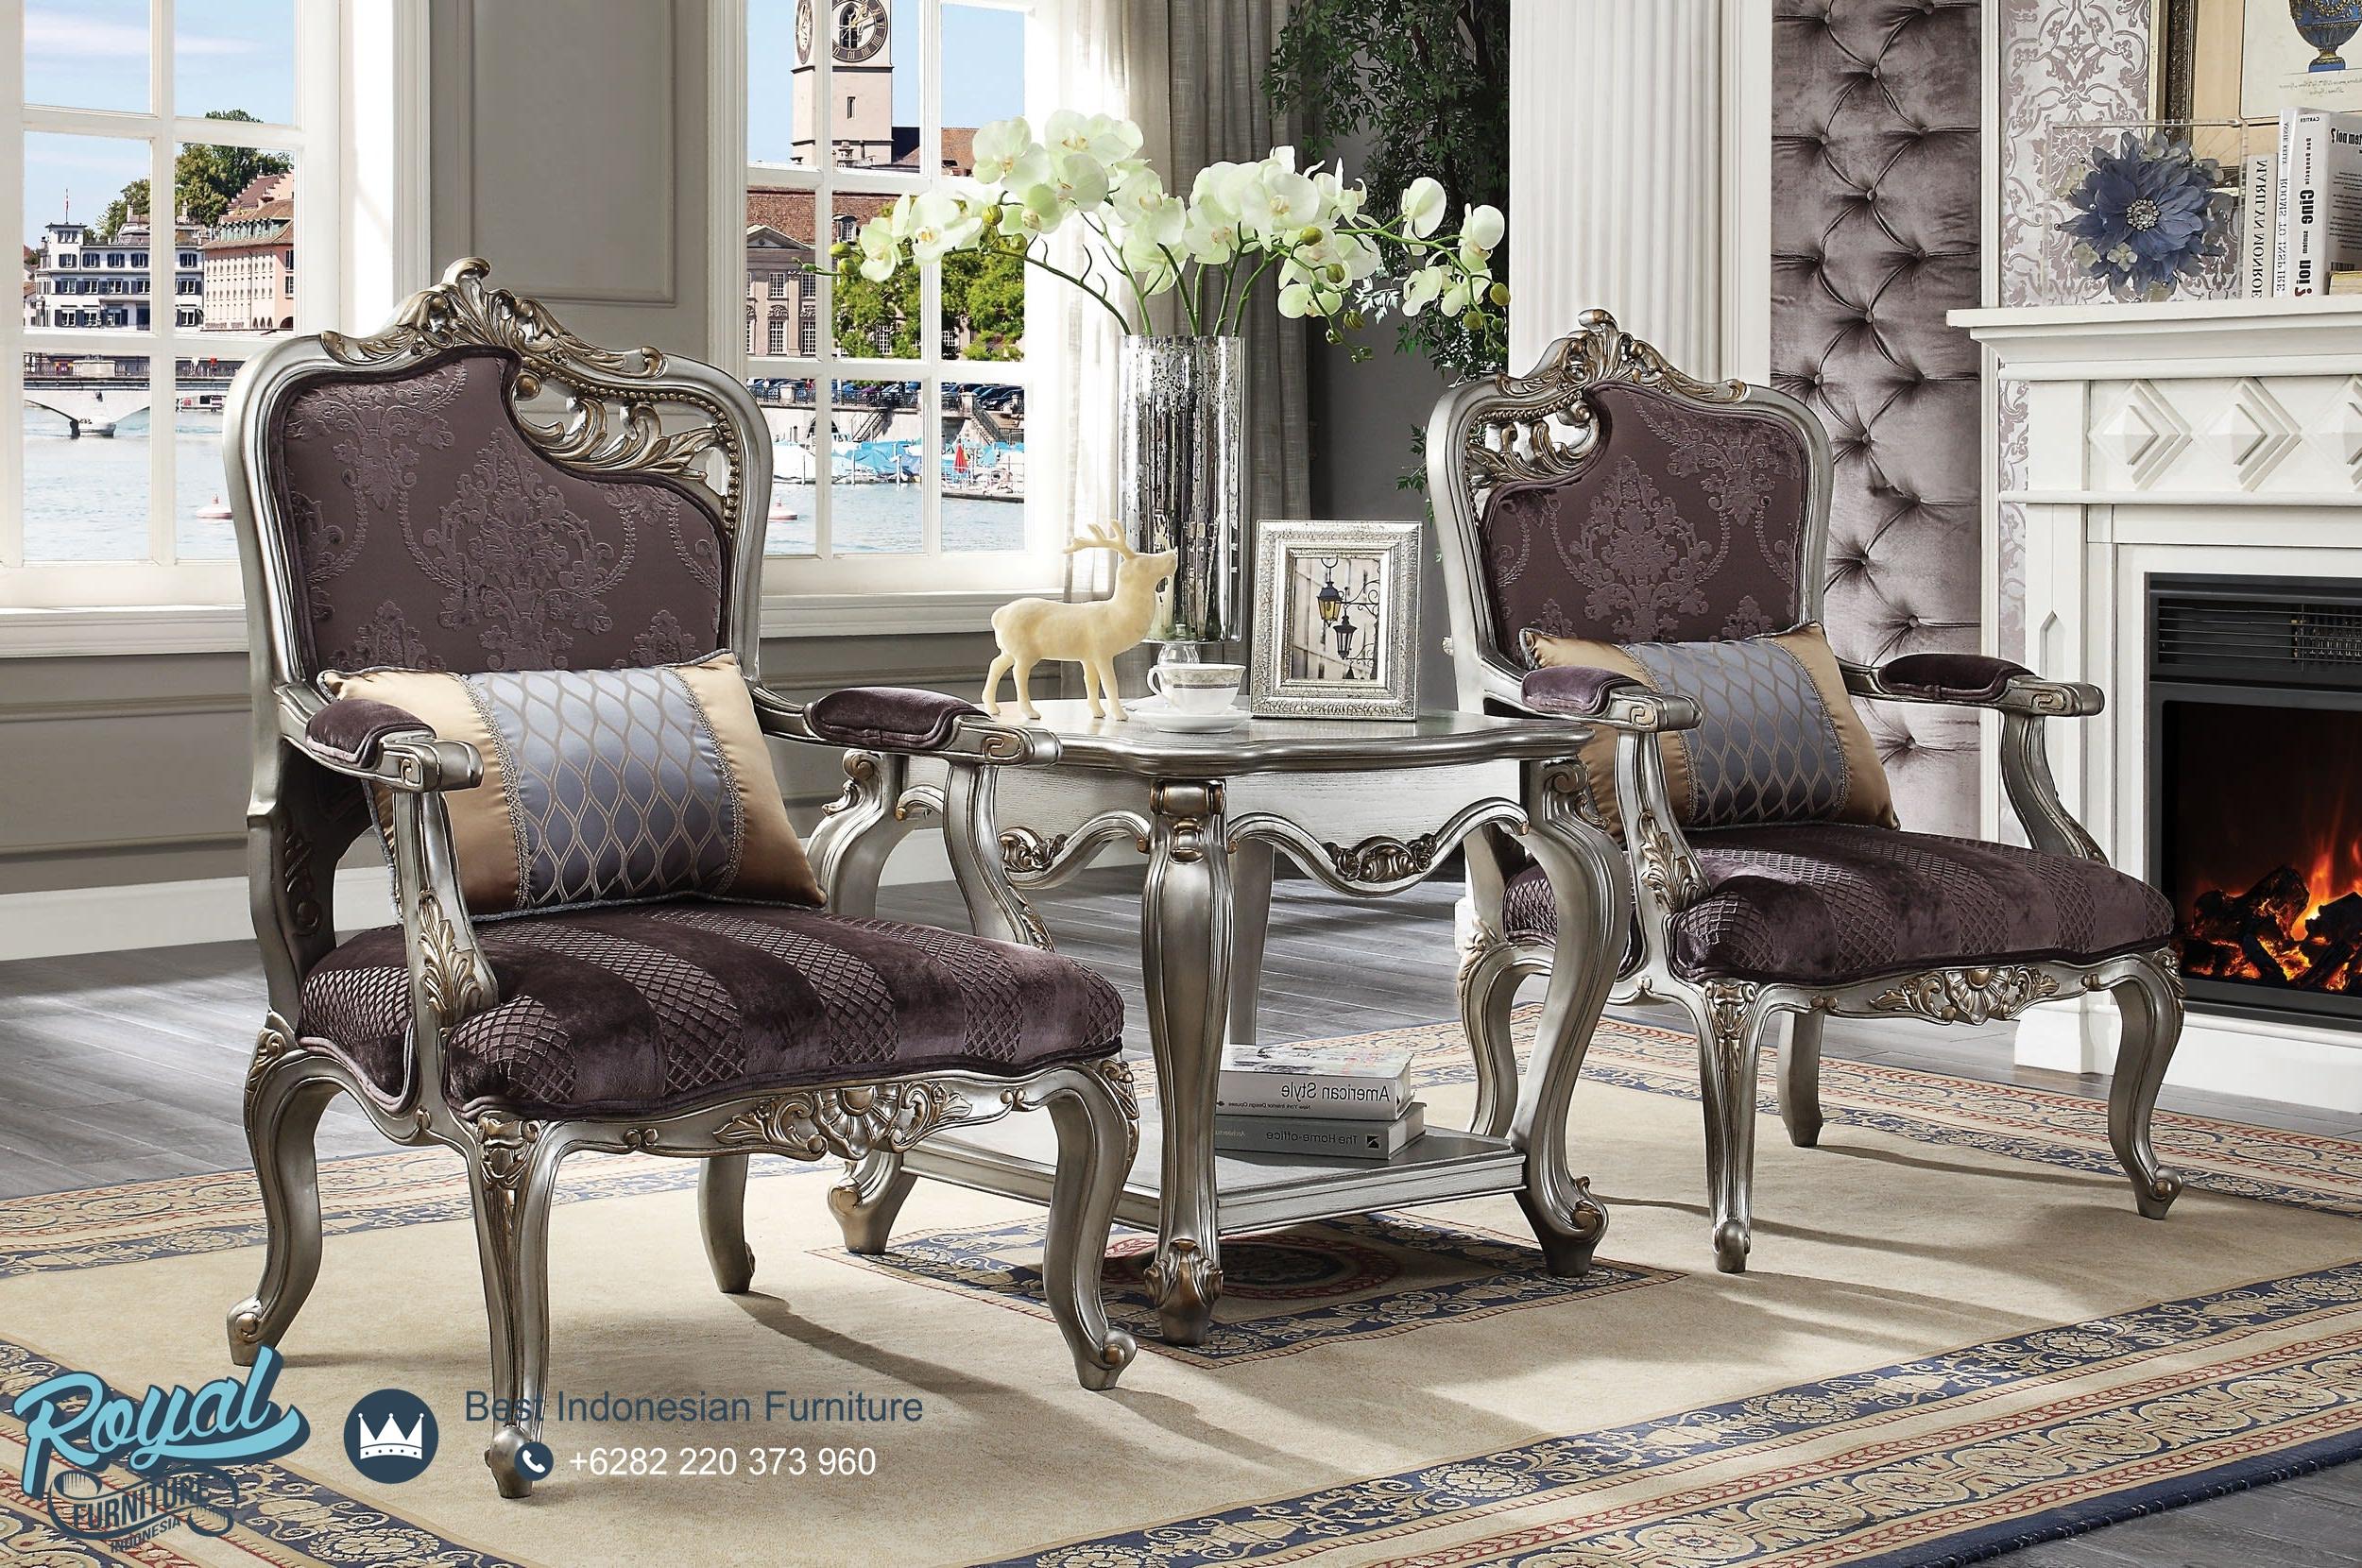 Kursi Tamu Mewah Klasik Ukir Jepara Terbaru Acme Purple, desain sofa tamu mewah modern, sofa tamu modern putih duco, sofa jati jepara, sofa jati ukir, sofa tamu mewah, harga sofa tamu jepara murah, sofa jati minimalis modern, sofa jati mewah, sofa jati minimalis terbaru, model sofa tamu mewah terbaru, sofa mewah minimalis, sofa mewah terbaru, sofa mewah kulit asli, sofa ruang tamu mewah modern, sofa mewah modern, model sofa mewah dan elegan, set sofa tamu mewah klasik, set sofa tamu mewah modern, kursi tamu mewah, kursi tamu jati jepara, kursi tamu jati jepara, kursi tamu mewah jati terbaru, kursi tamu mewah minimalis, harga kursi tamu mewah jati jepara, kursi tamu mewah minimalis terbaru, mebel kayu, mebel kayu jati, mebel furniture,jati jepara, jepara furniture, ukir jepara, toko mebel jepara, royal furniture jepara